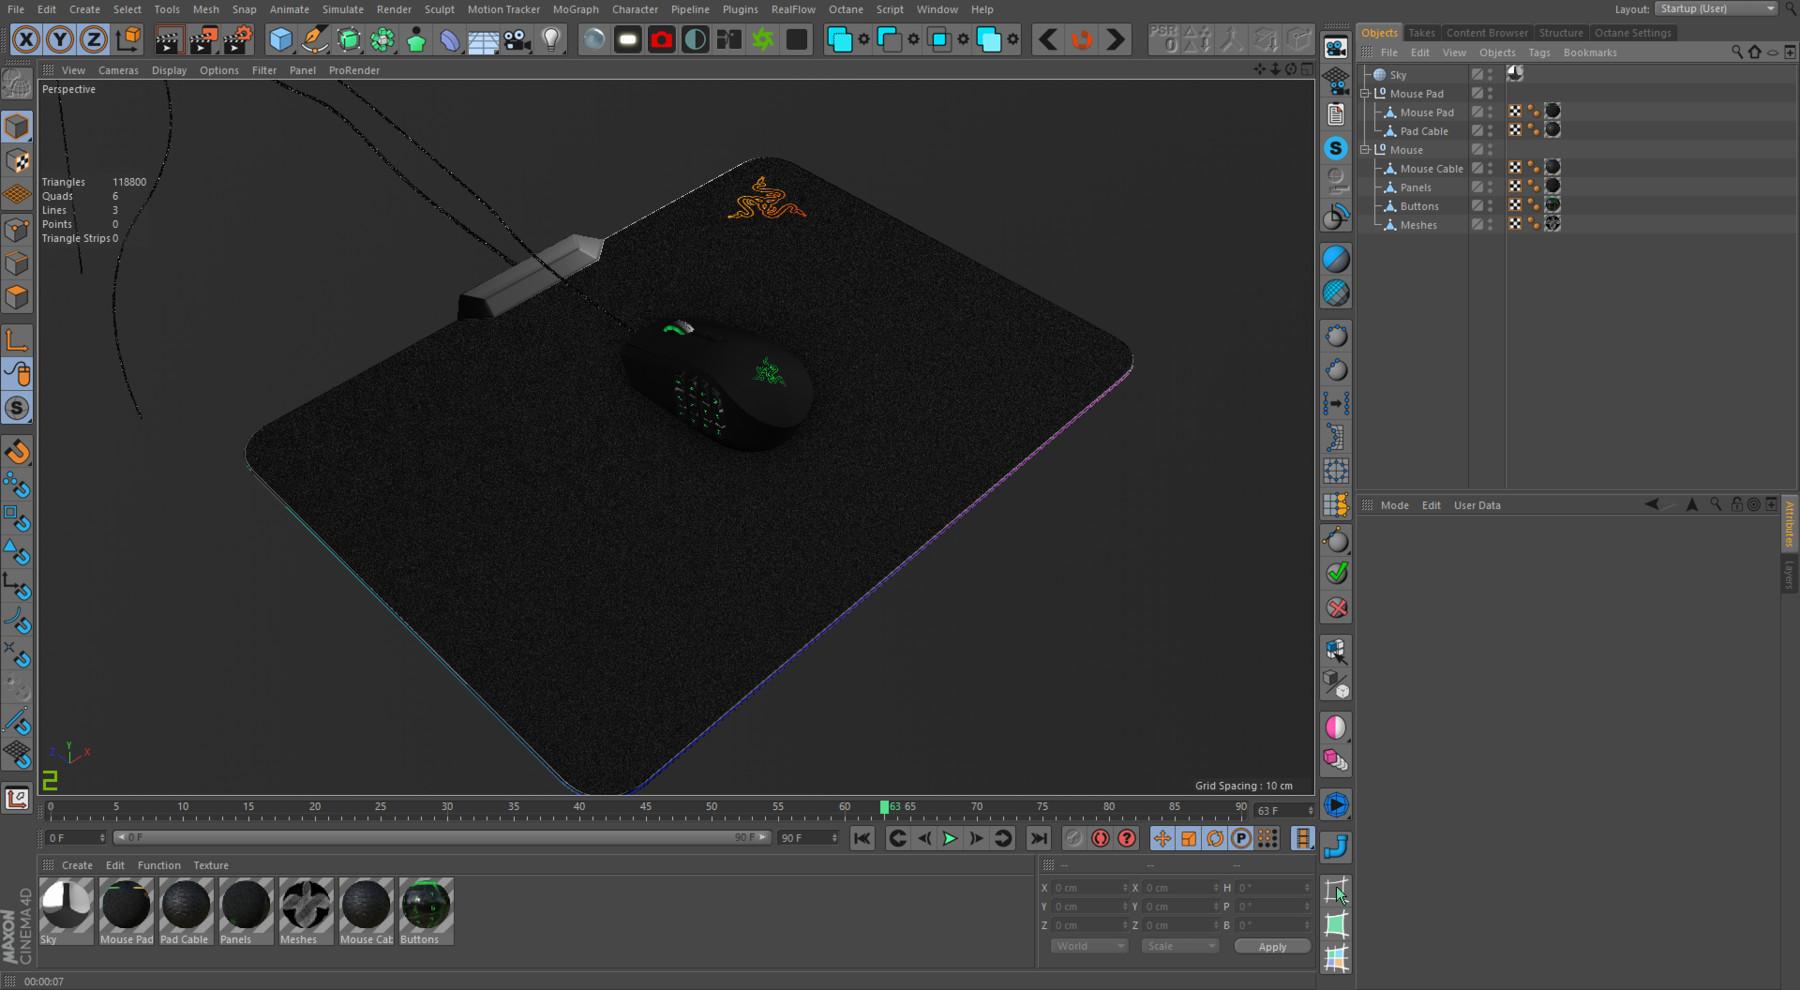 Velislav Slavov - Razer Naga Chroma Firefly RGB Gaming